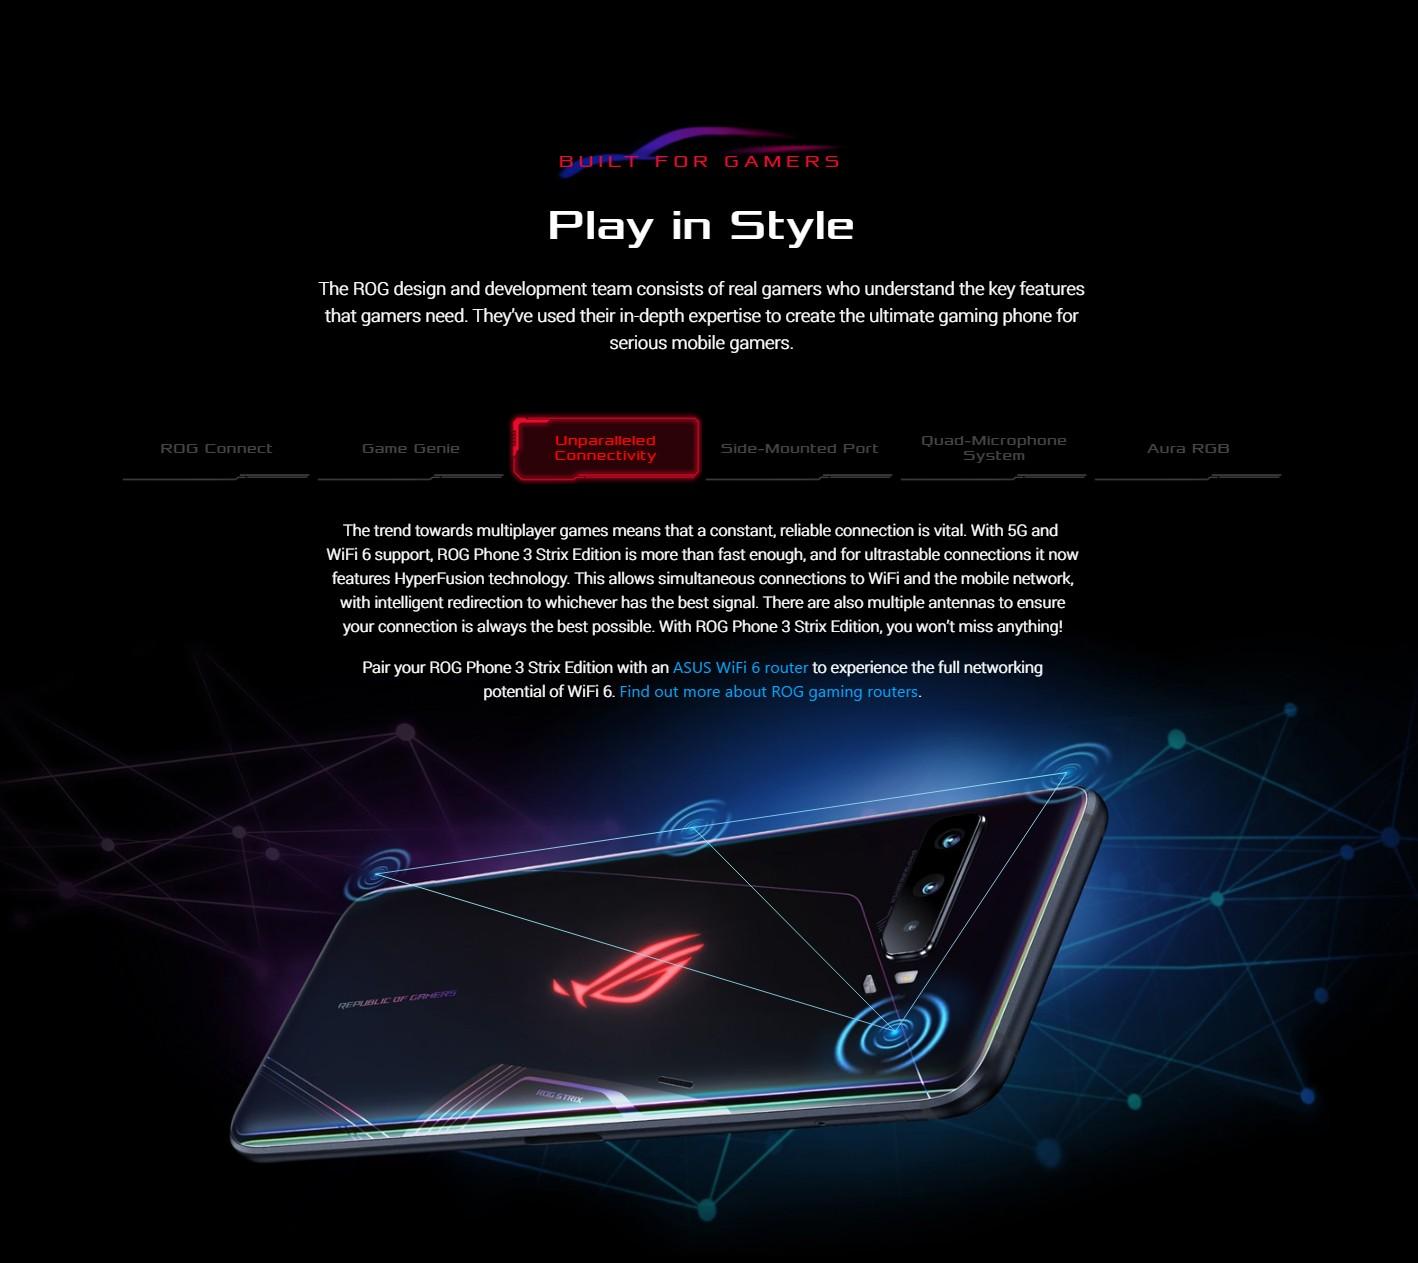 ASUS ROG Phone 3 Gaming 5G Smartphone WiFi